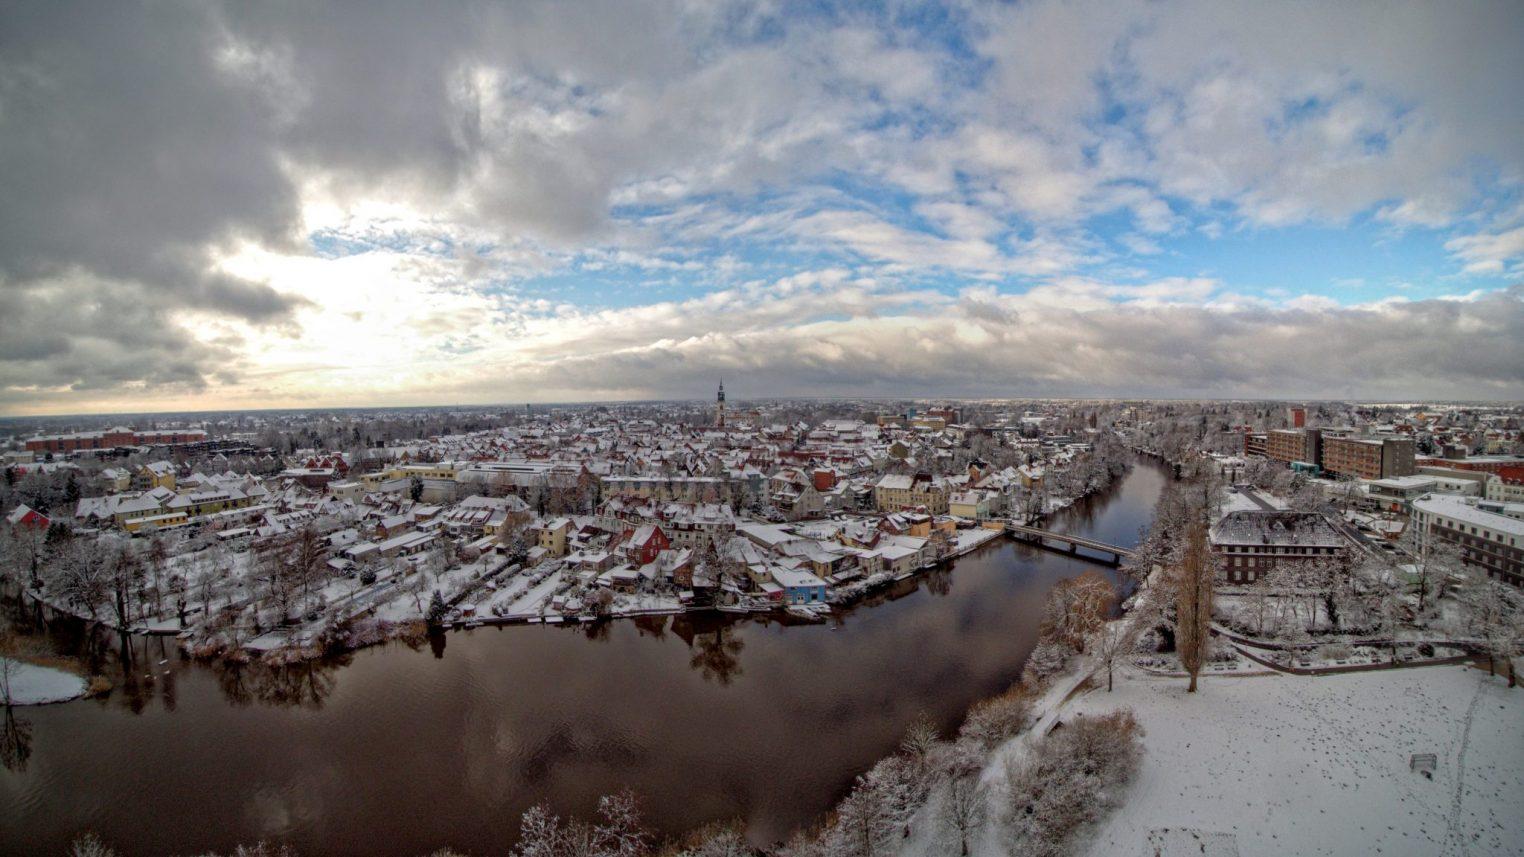 Celle im Winterpanorama- Celle im Schnee – An der Aller